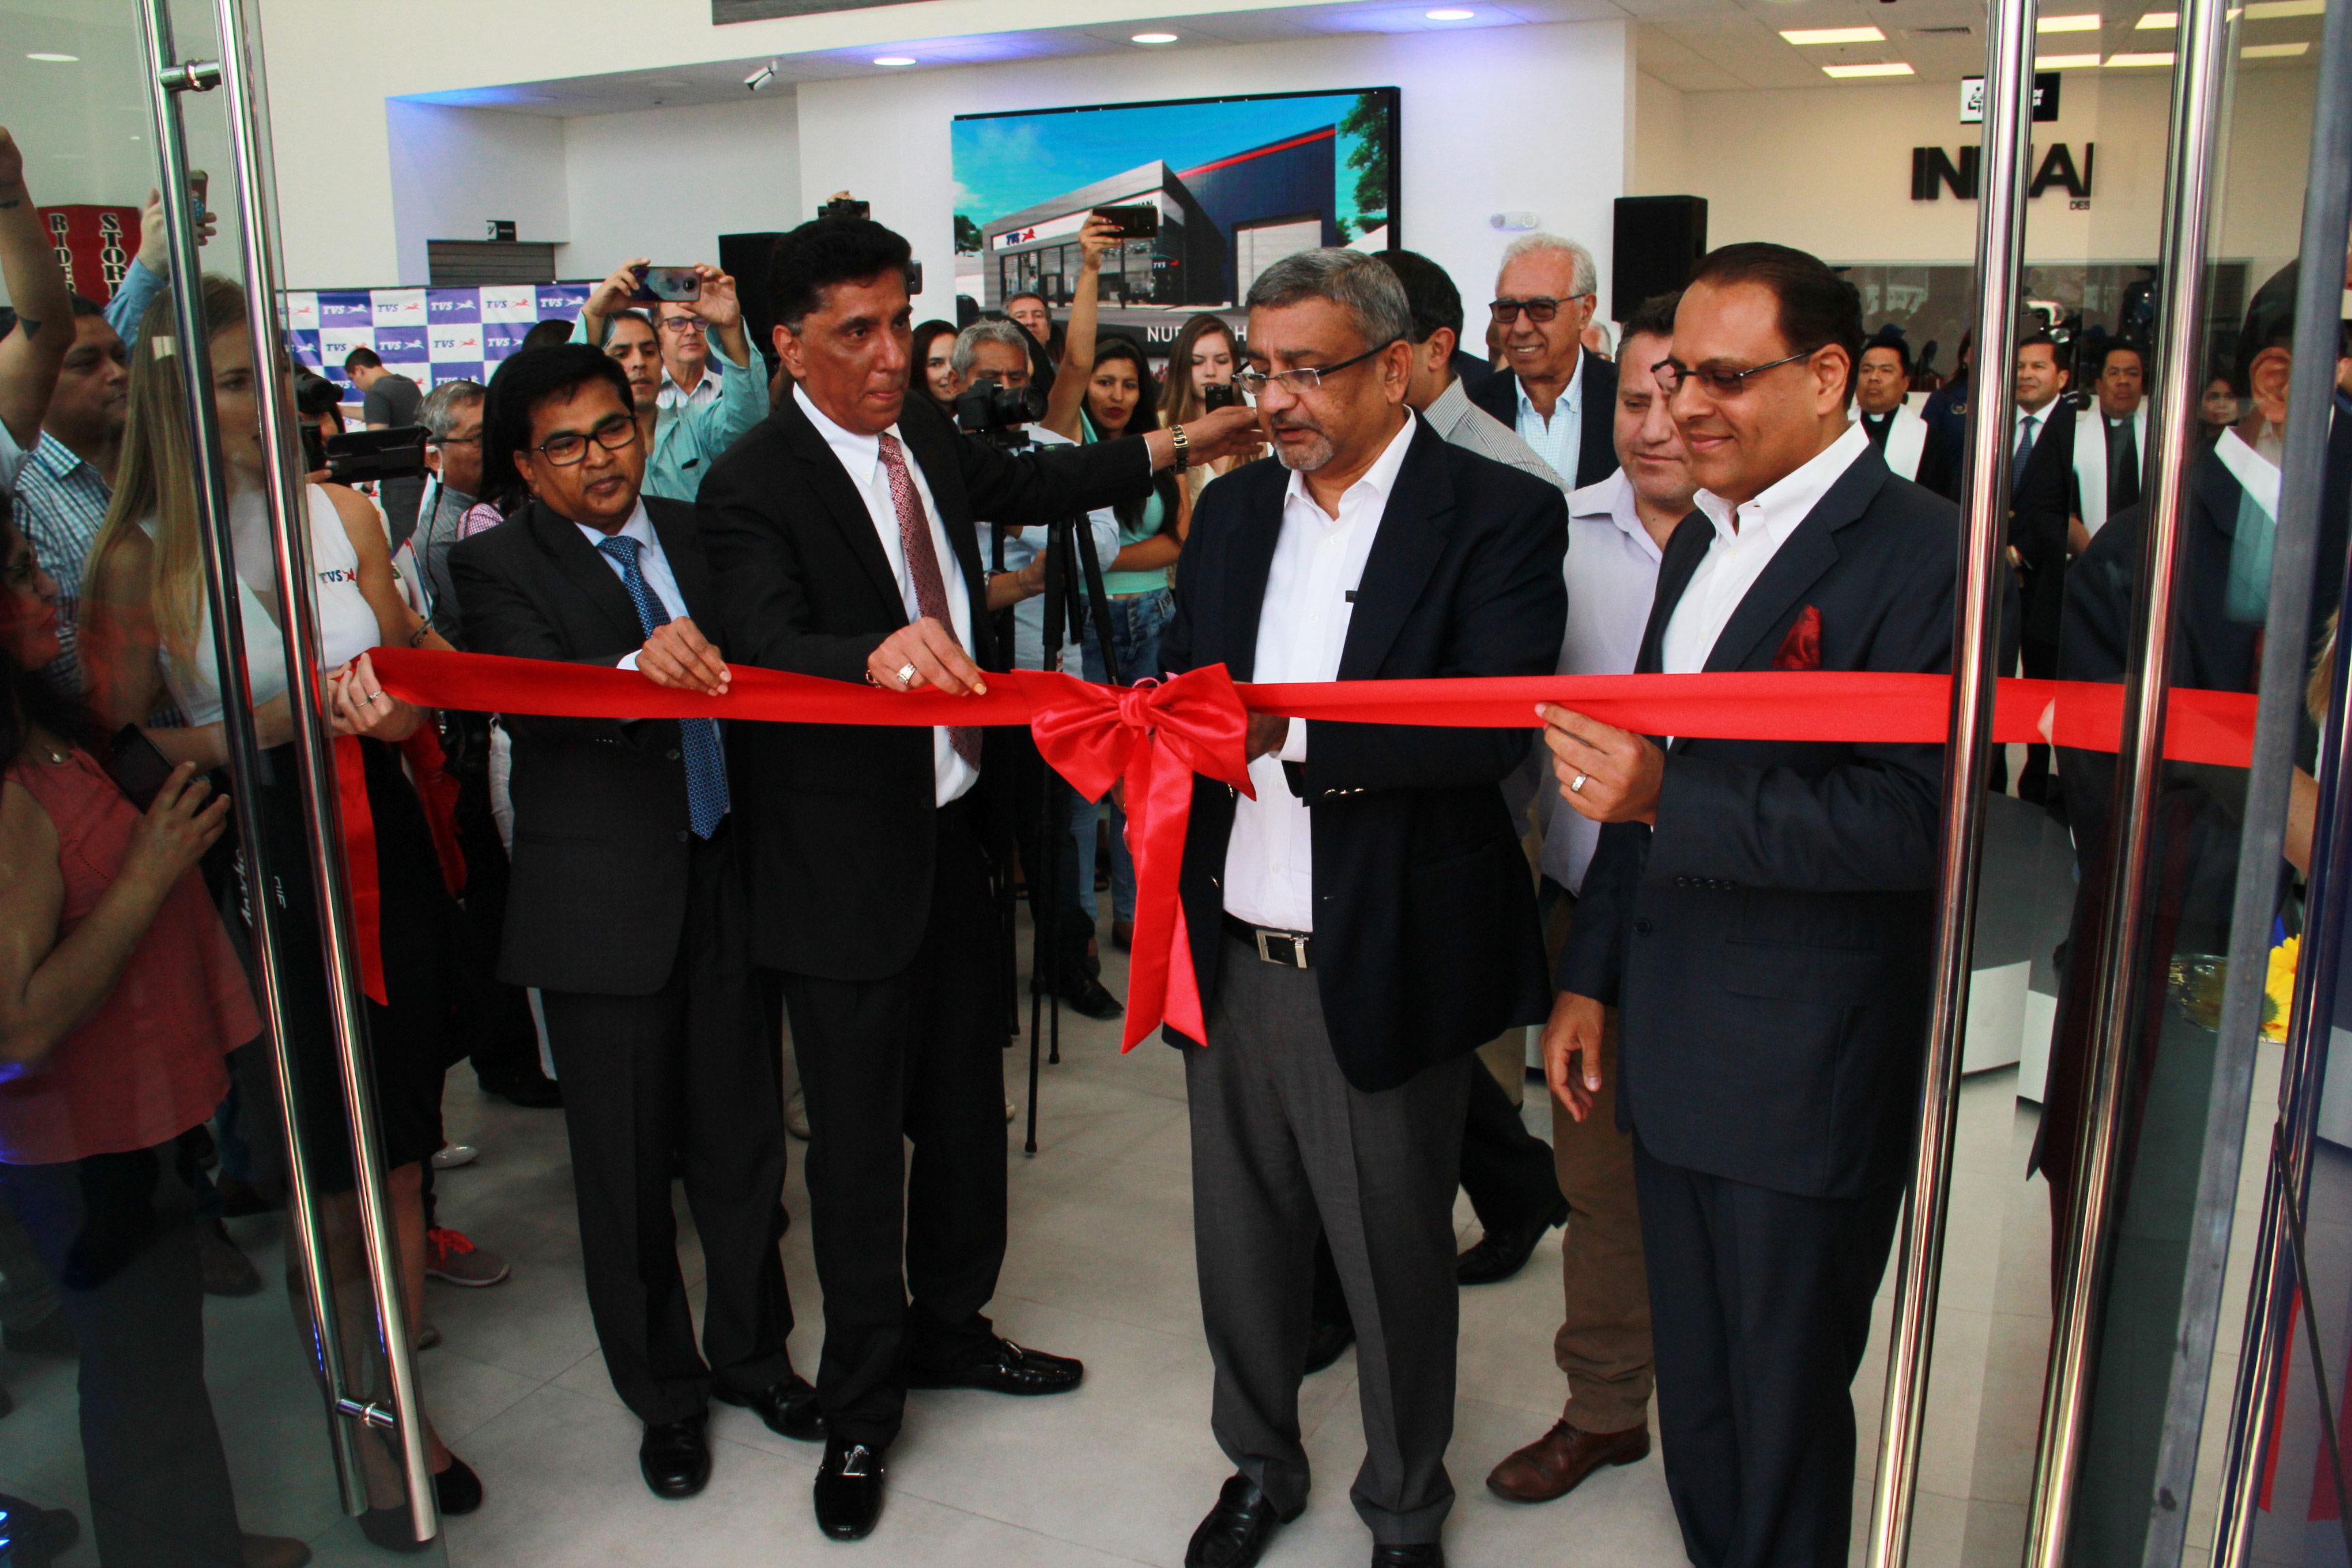 TVS Motor Company expande y consolida su presencia en el P erú con el lanzamiento de tres nuevos productos